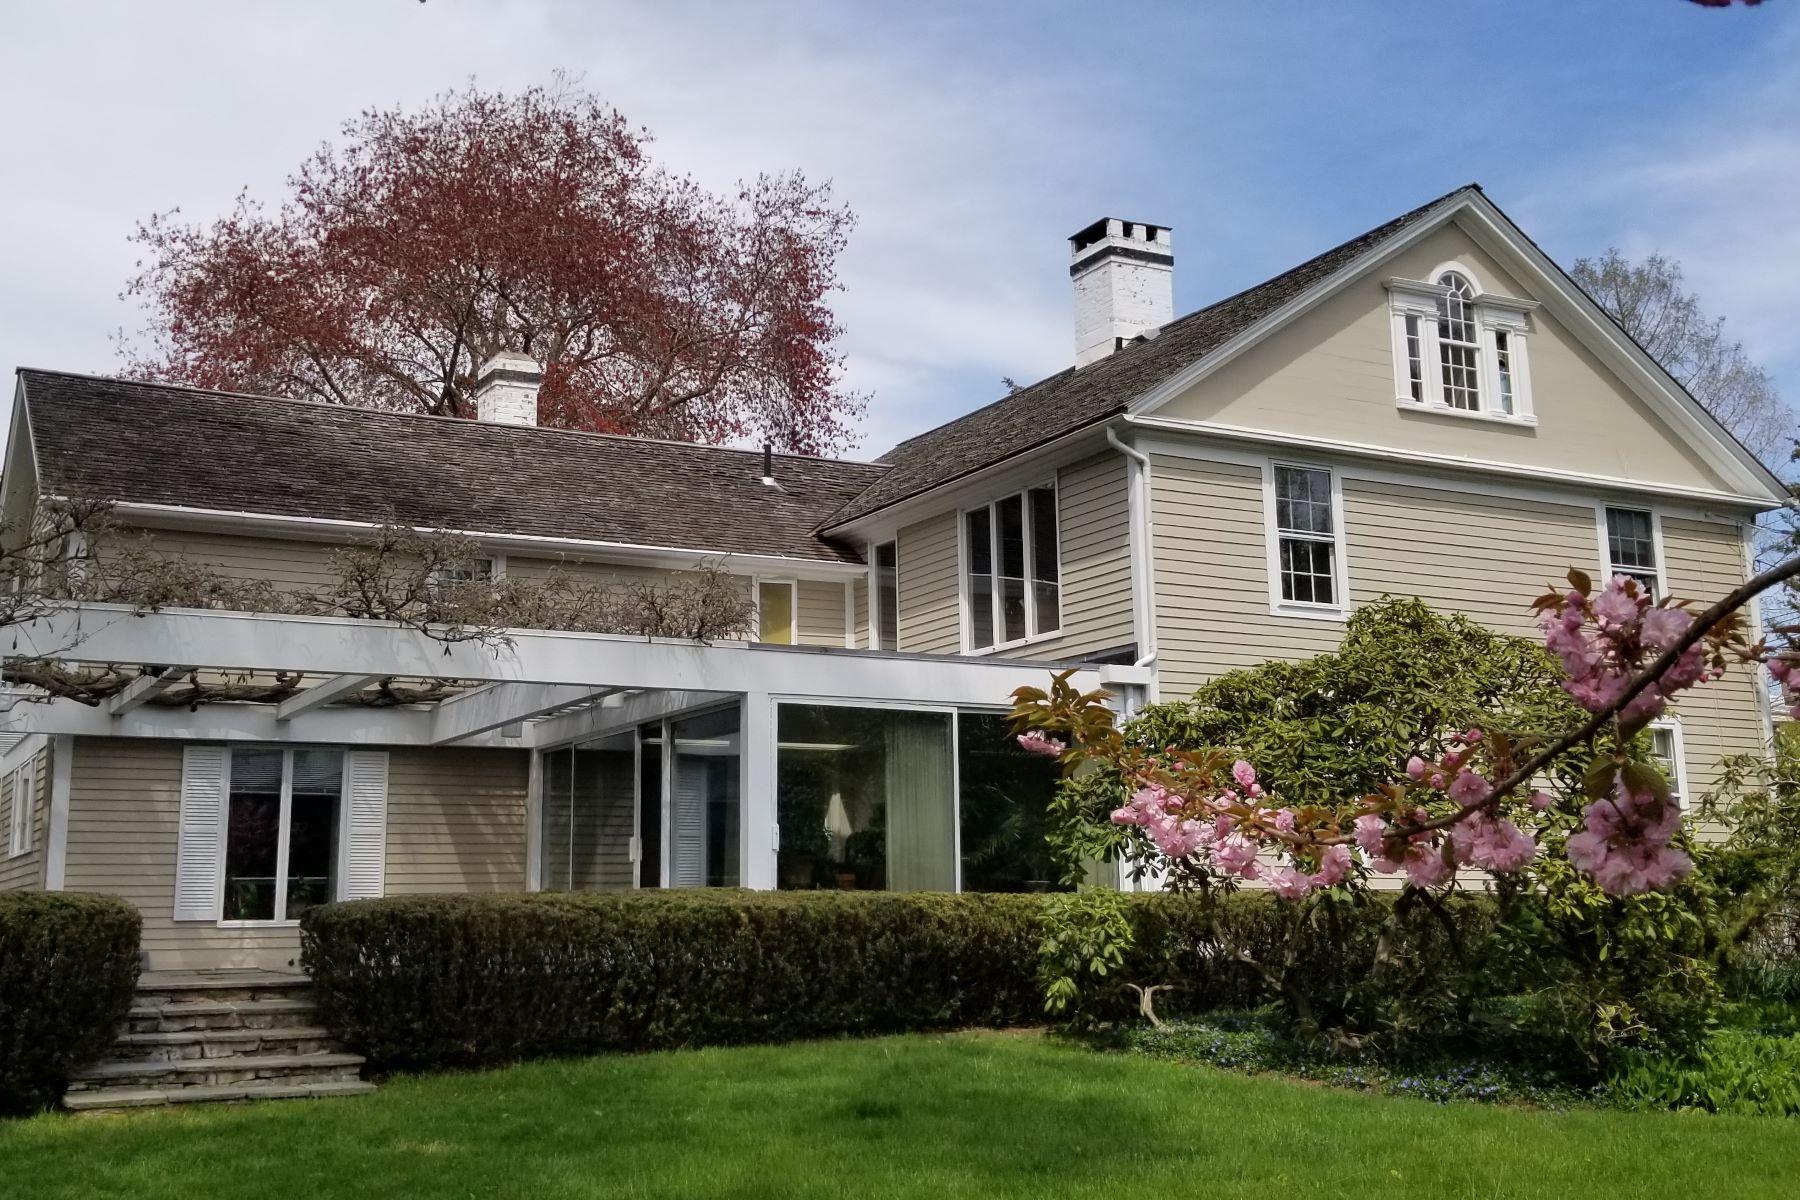 独户住宅 为 销售 在 Prominent and Stunning Vintage Home 6 Lyme Street 旧莱姆, 康涅狄格州 06371 美国